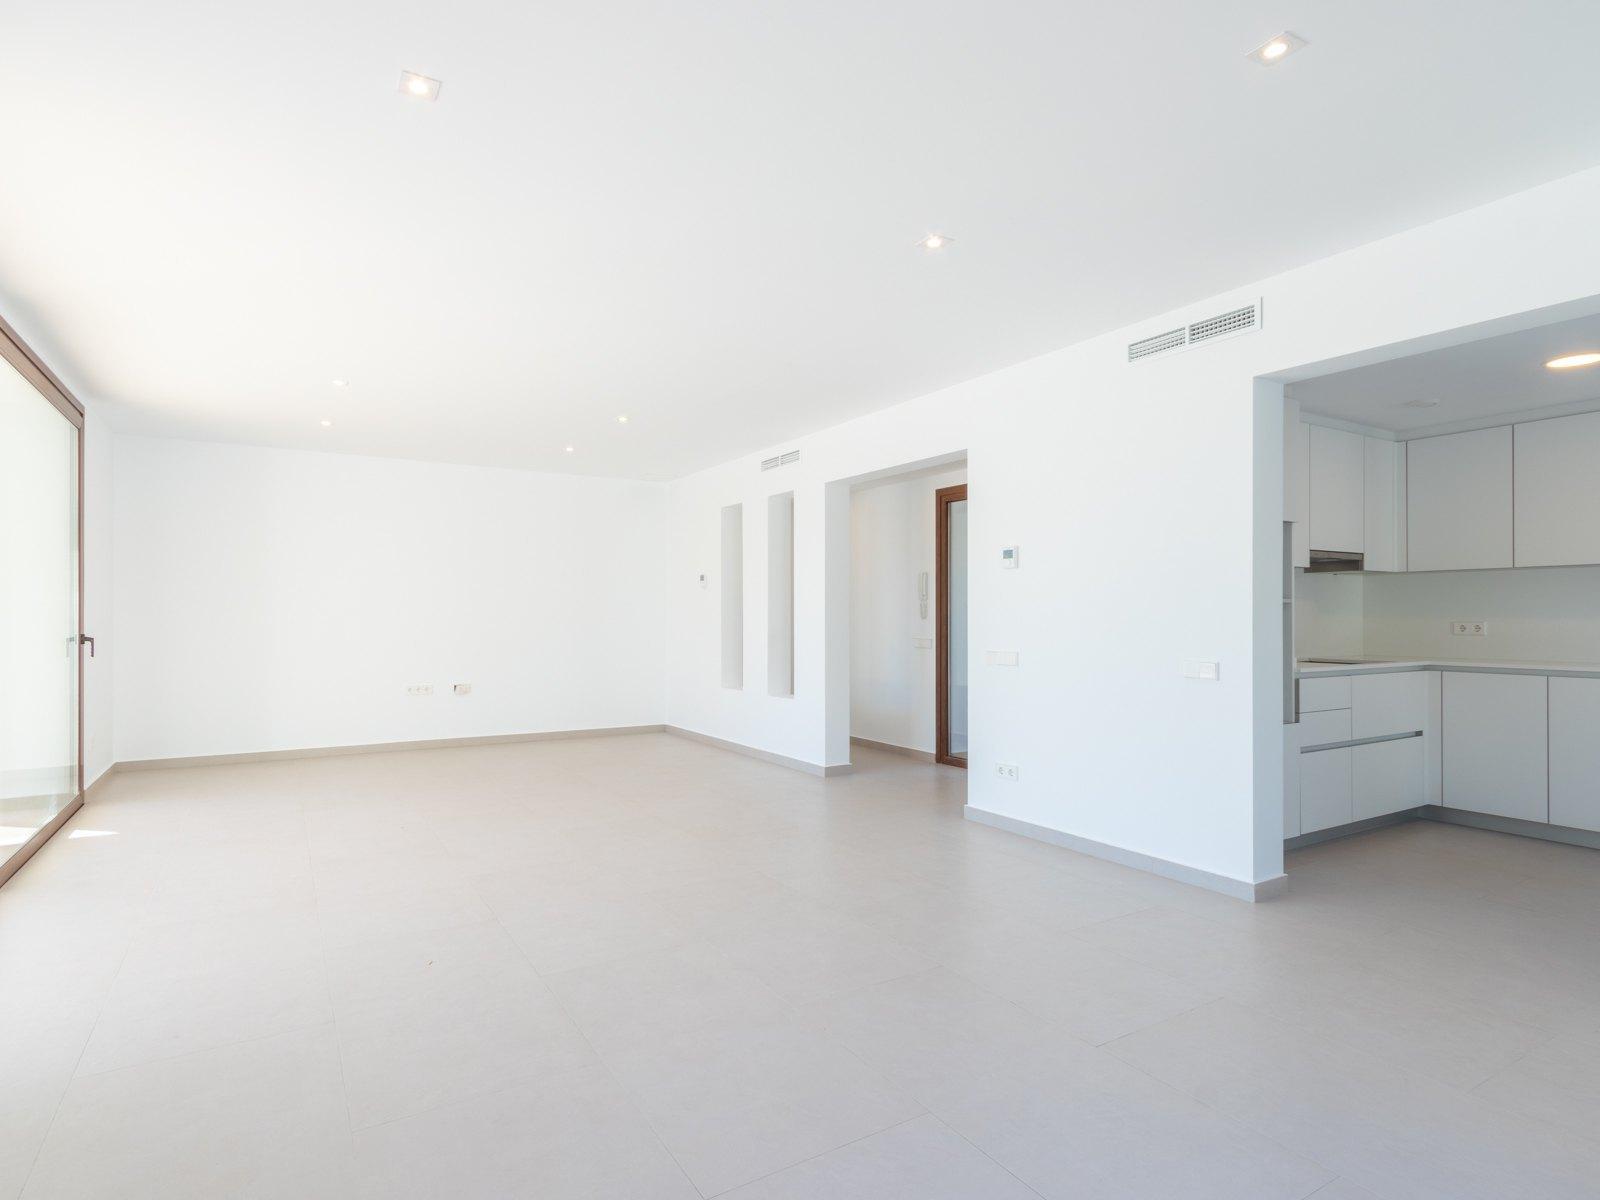 Fotogalería - 4 - Olea-Home | Real Estate en Orba y Teulada-Moraira |